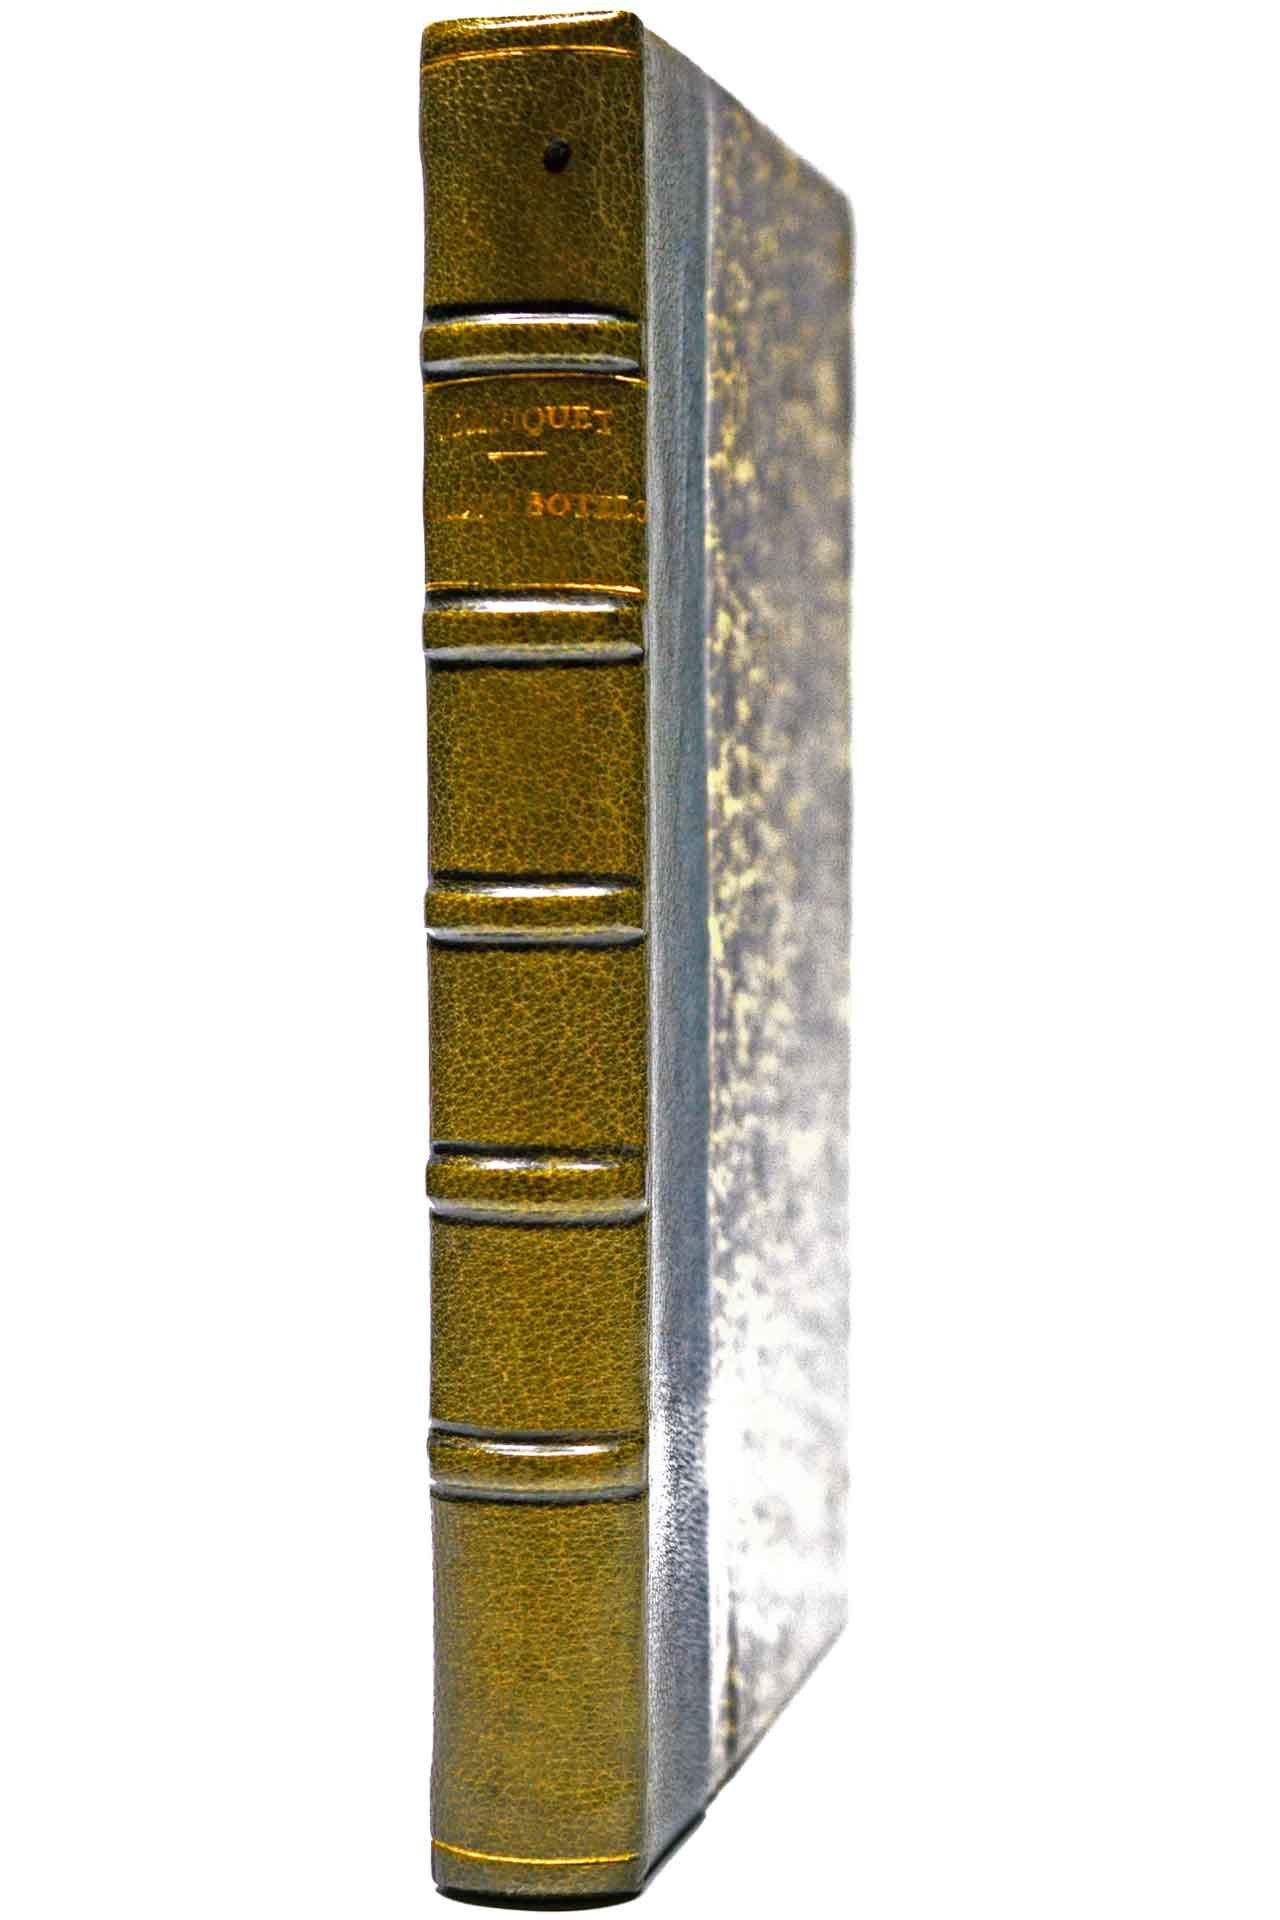 洋書 ディスプレイ用 RZ-5403